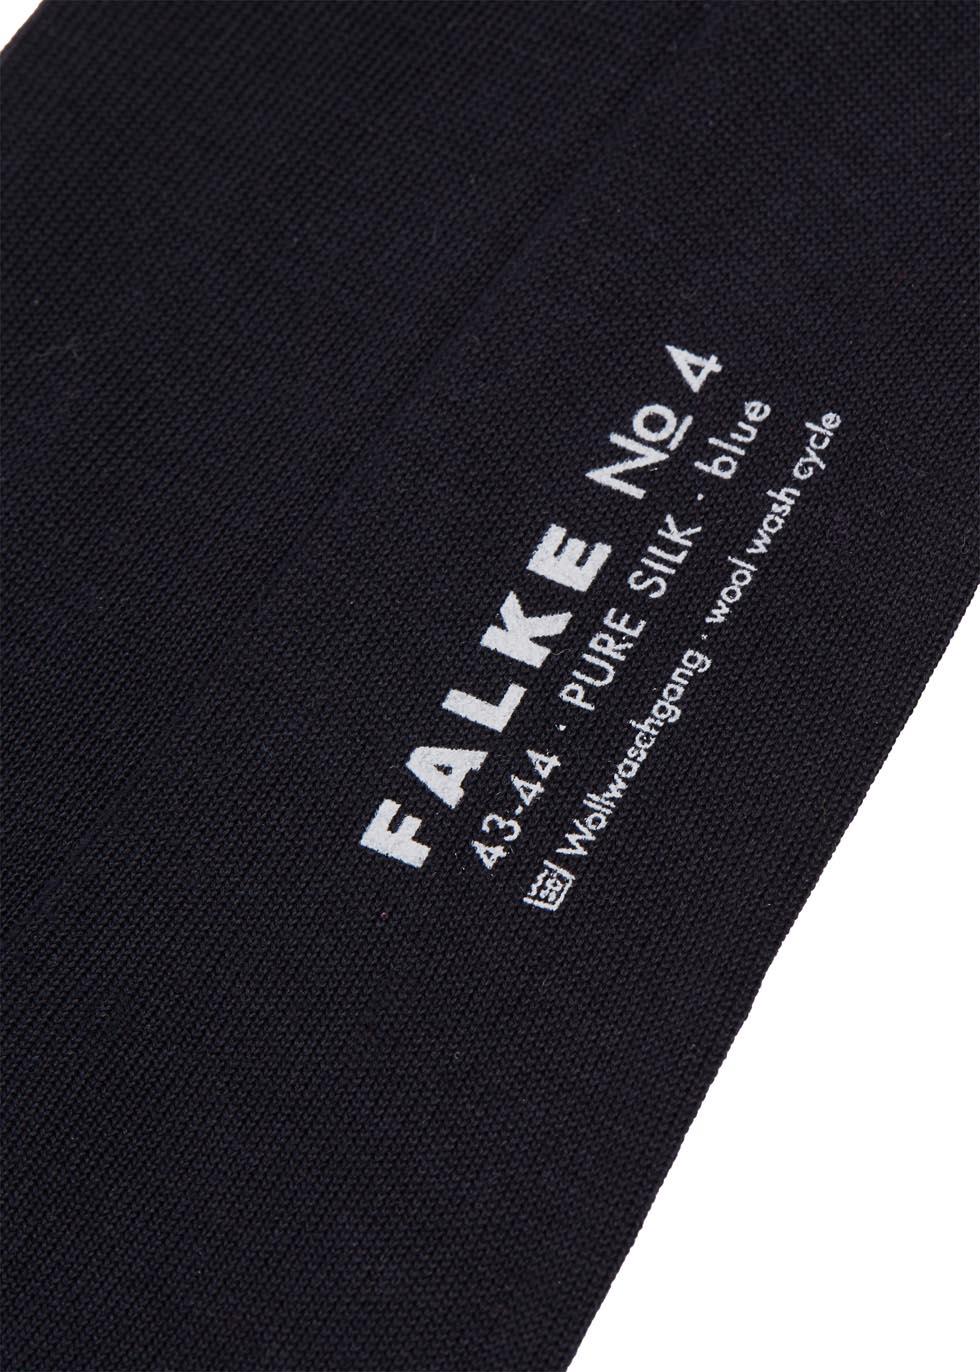 Navy fine-knit silk socks - Falke